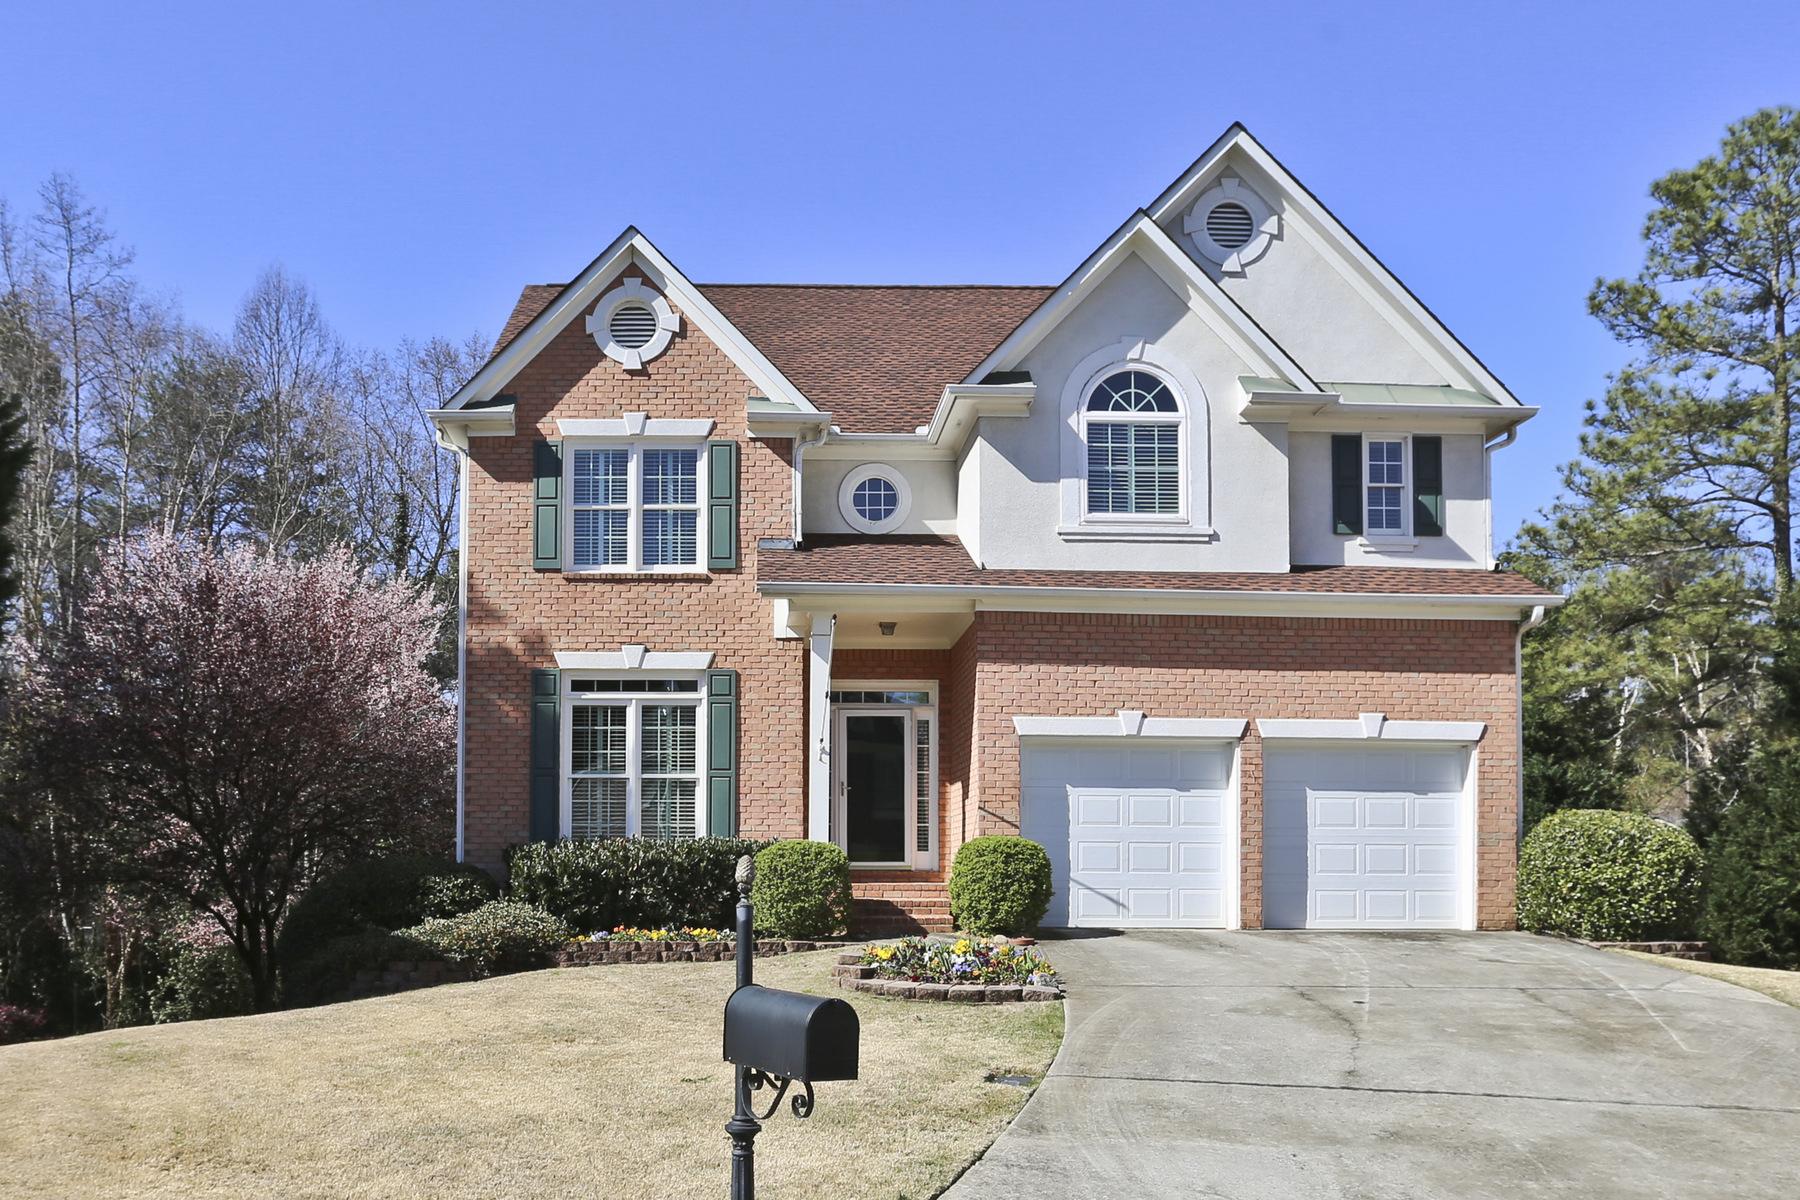 独户住宅 为 销售 在 Sandy Springs Easy Living 1040 Lancaster Walk 桑迪, 乔治亚州, 30328 美国